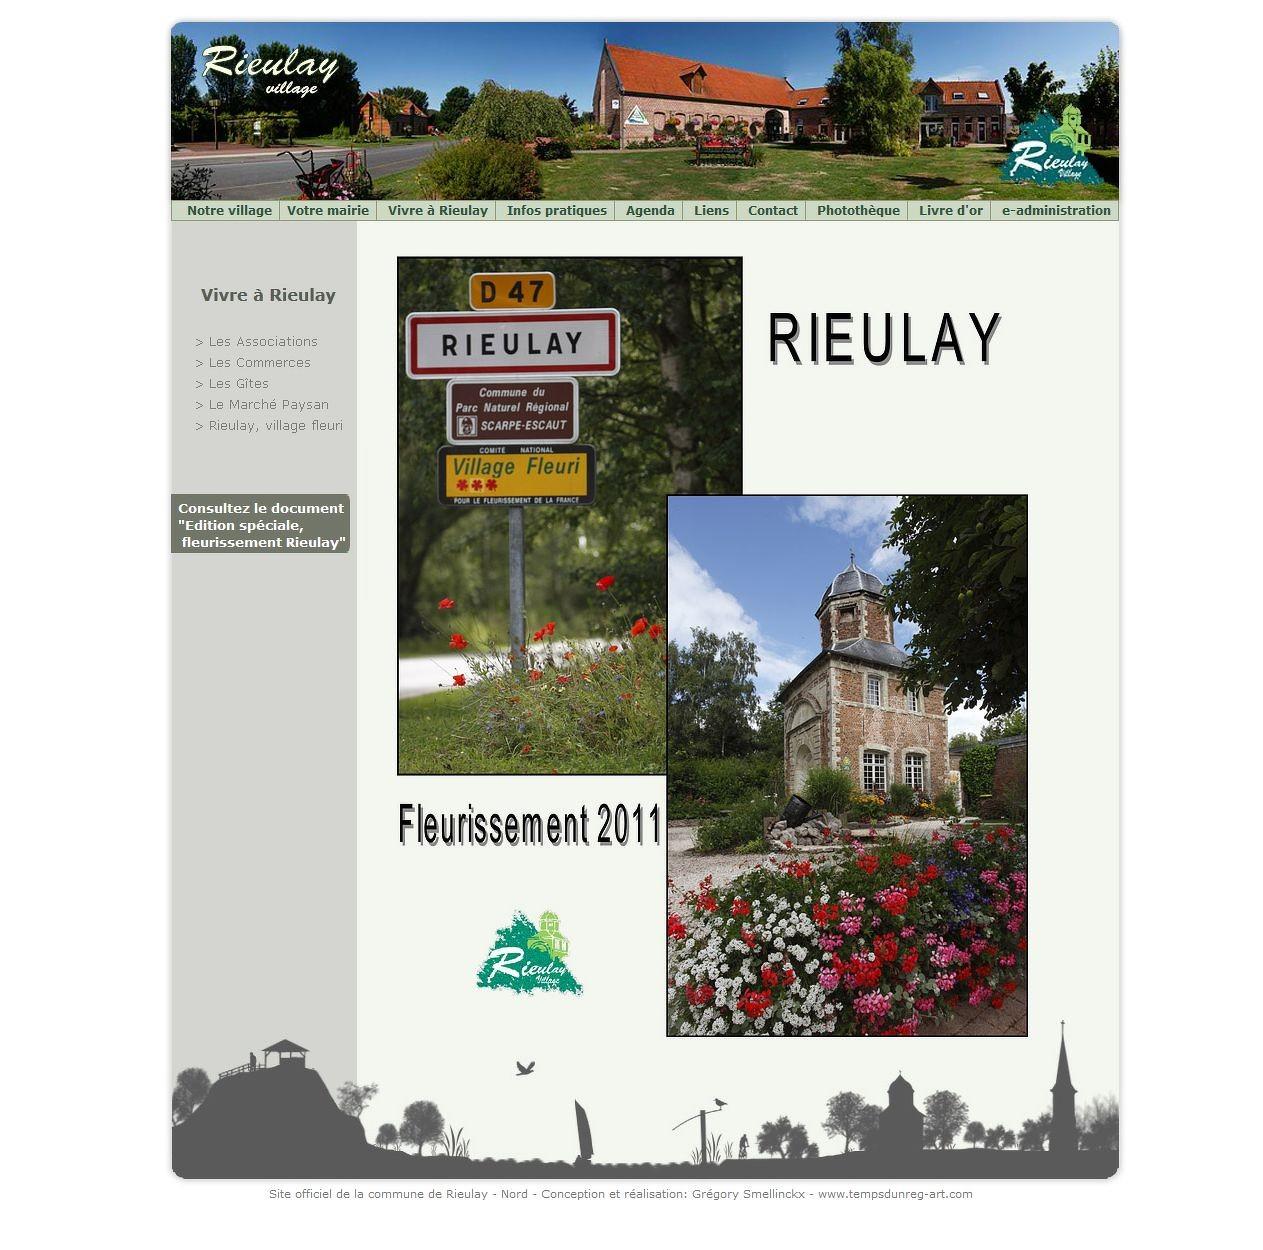 Onglet spécifique « Rieulay, village fleuri » sur le site Internet de Rieulay